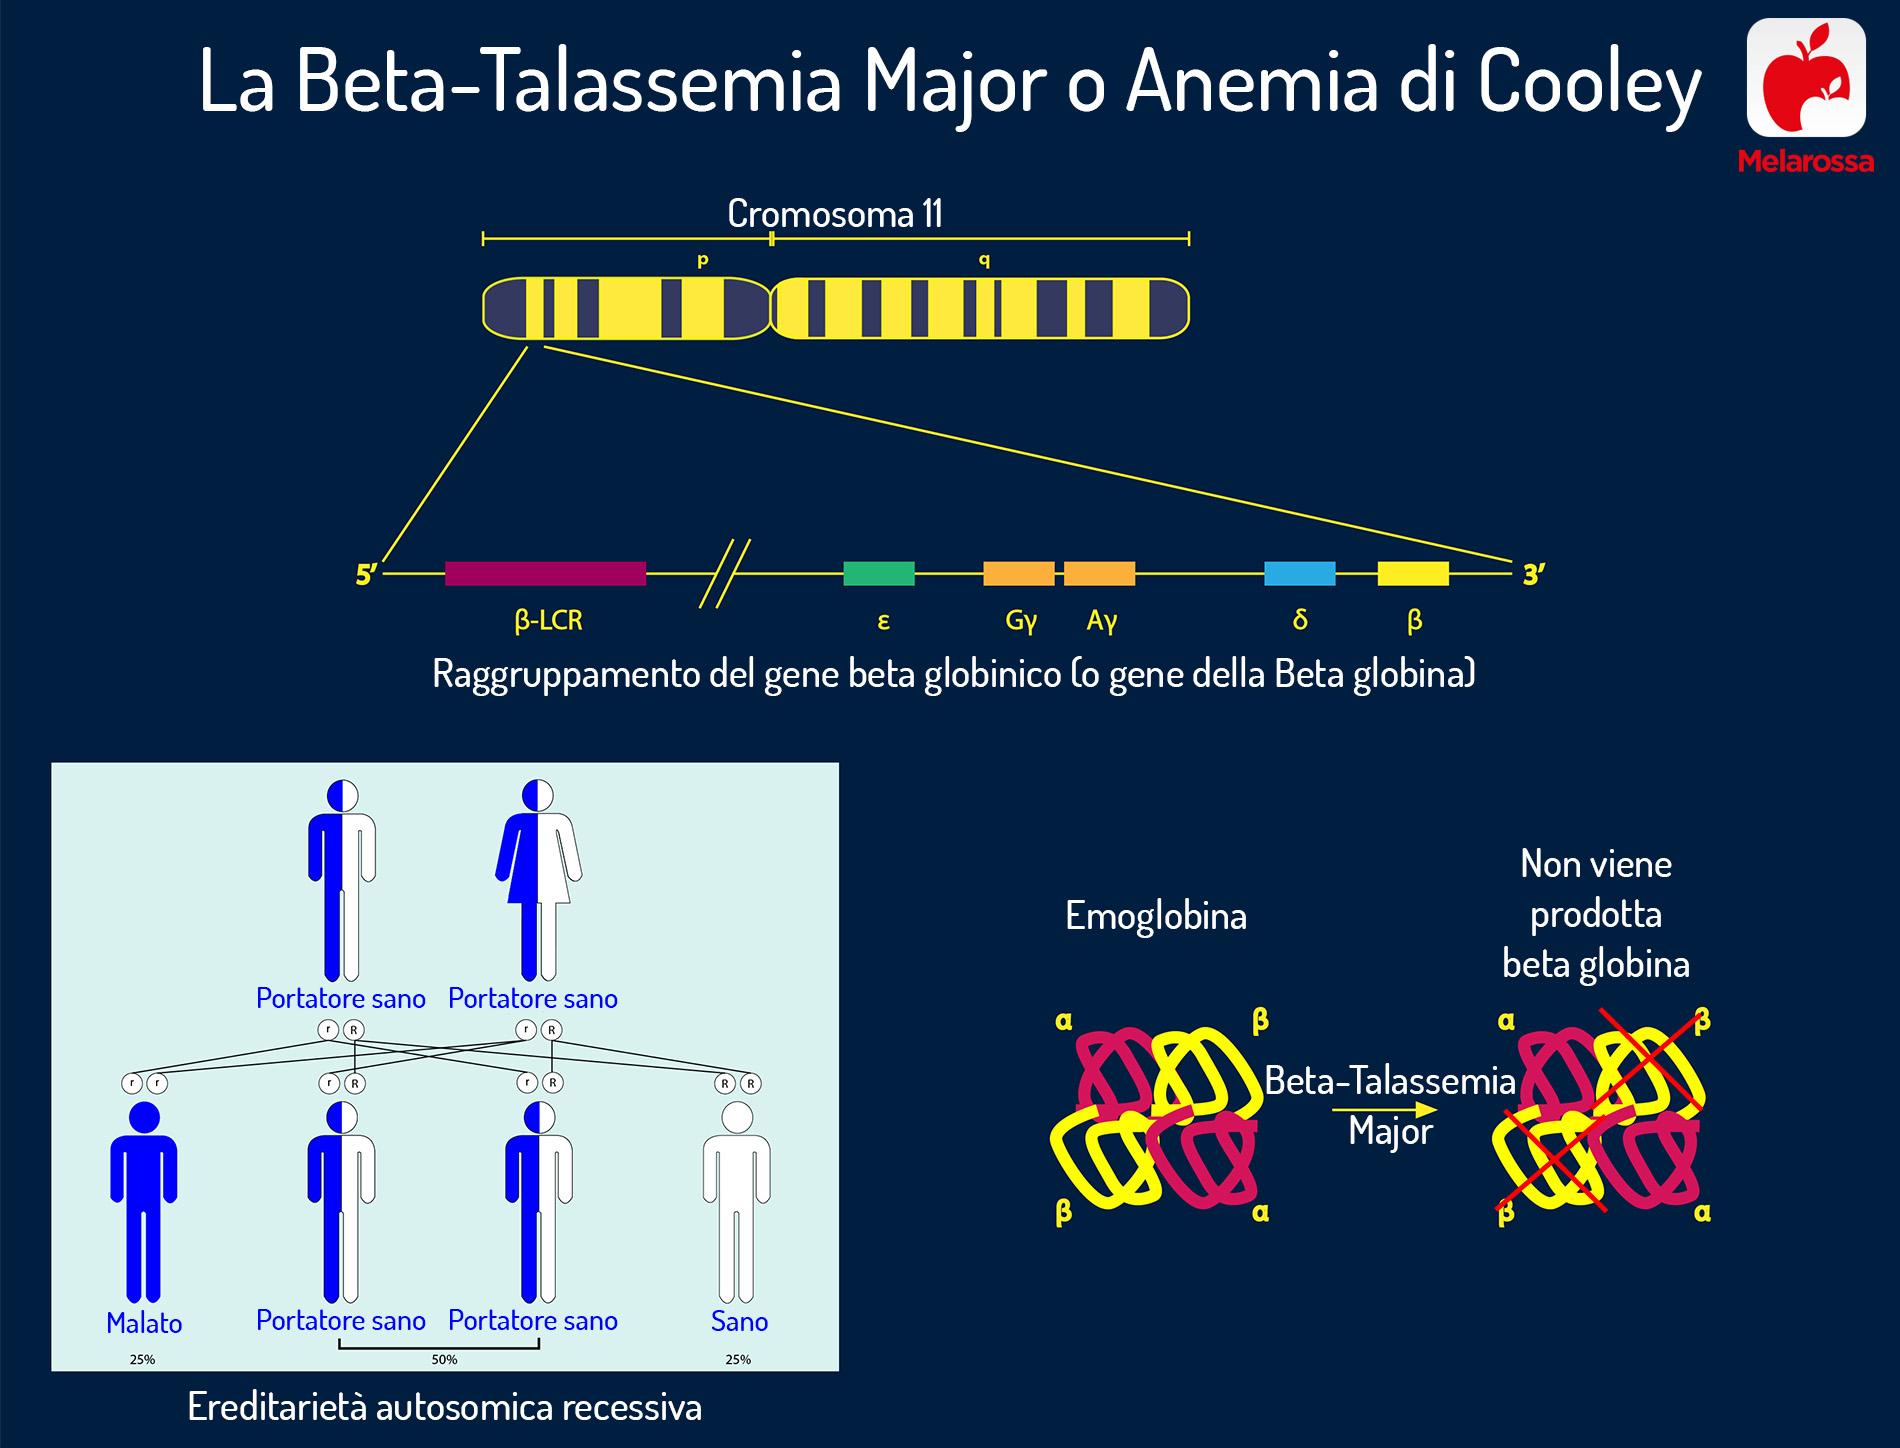 anemia mediterranea: portatore sano